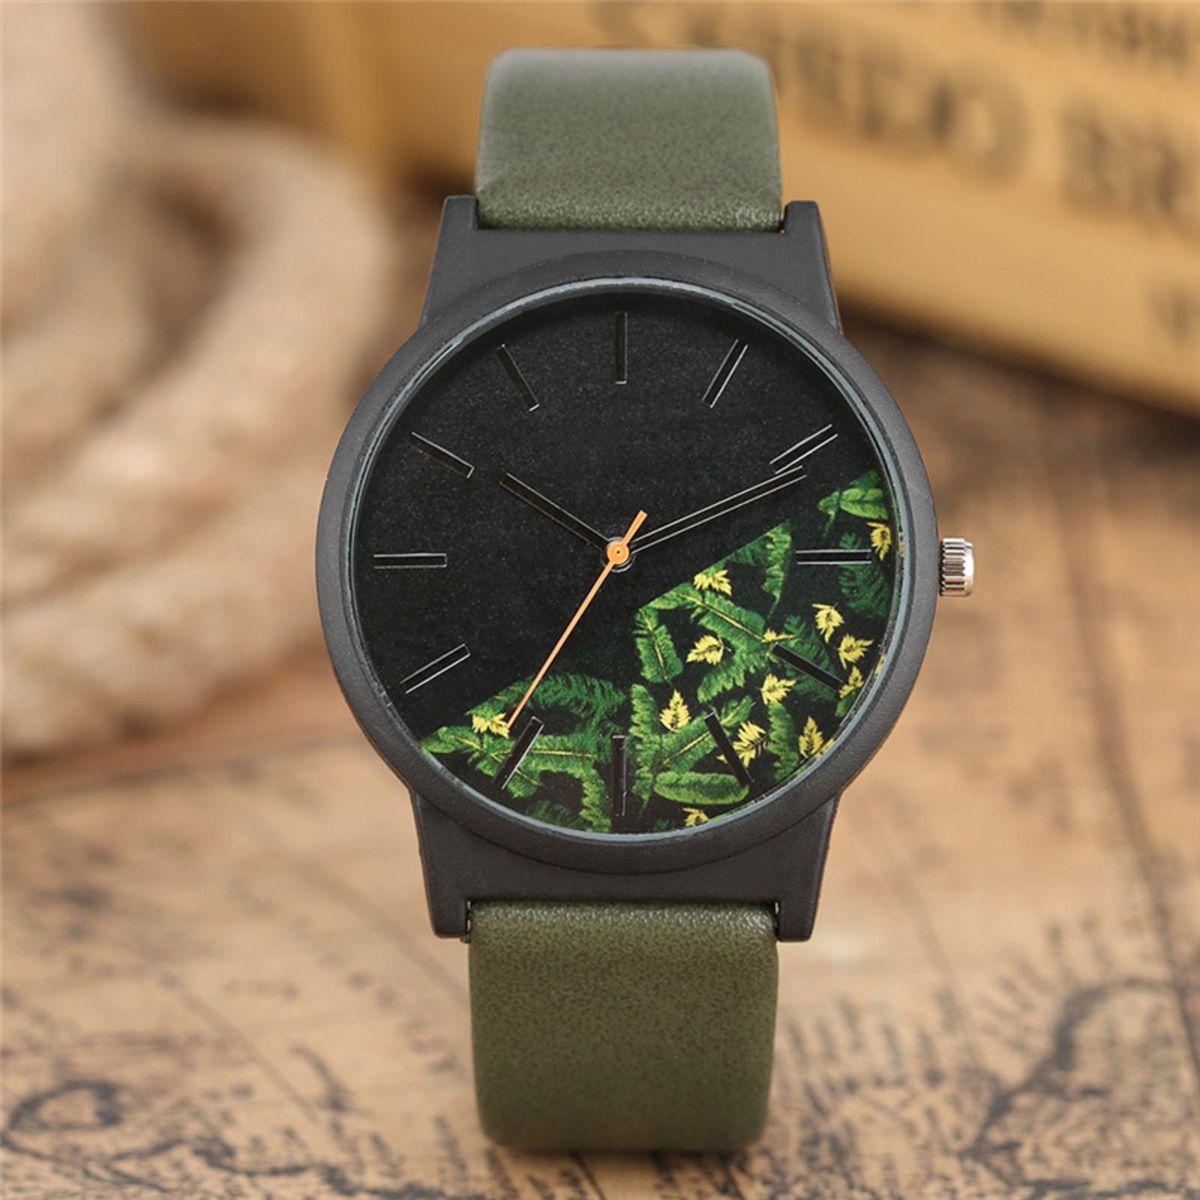 b56e01a998f Relógio de Pulso Analógico com Visor Estampado Floral   Folhagem - Verde  Musgo